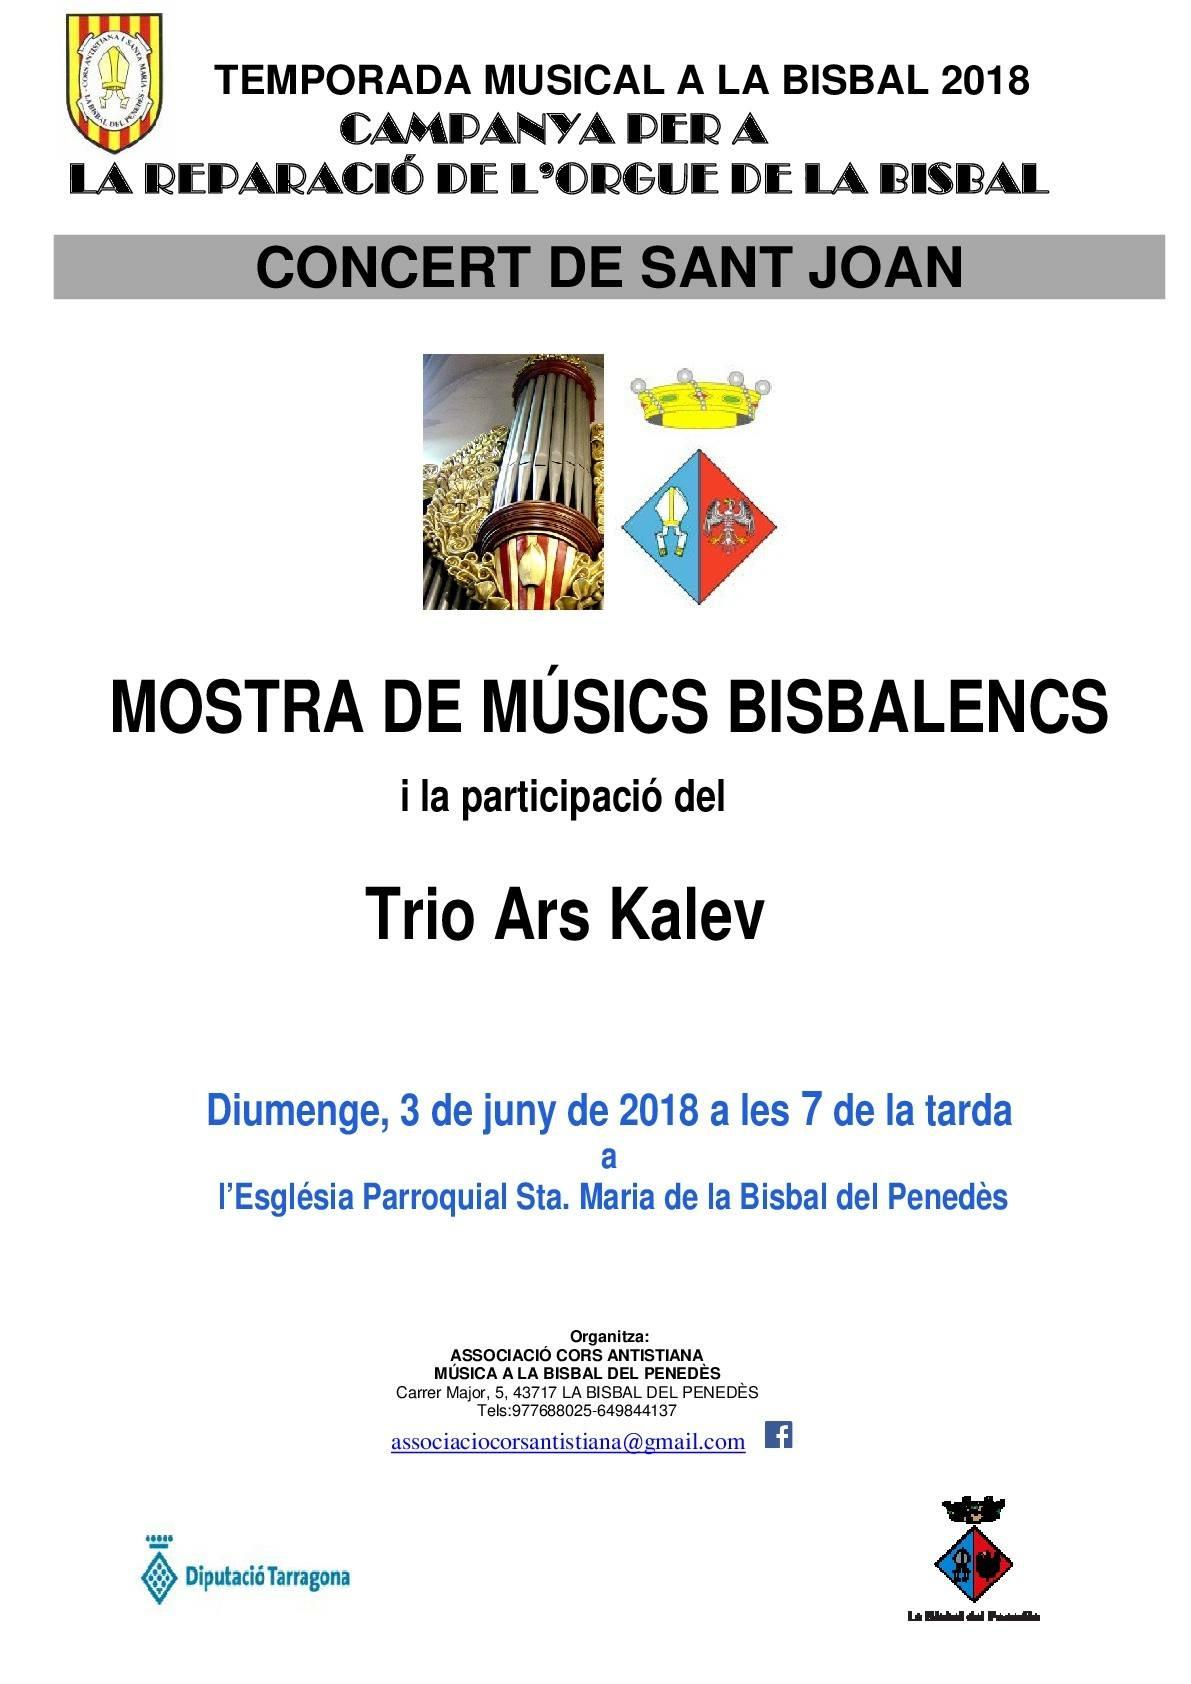 Aquest diumenge a les 19h podeu gaudir de la Mostra de Músics bisbalencs amb la participació del Trio Ars Kalev